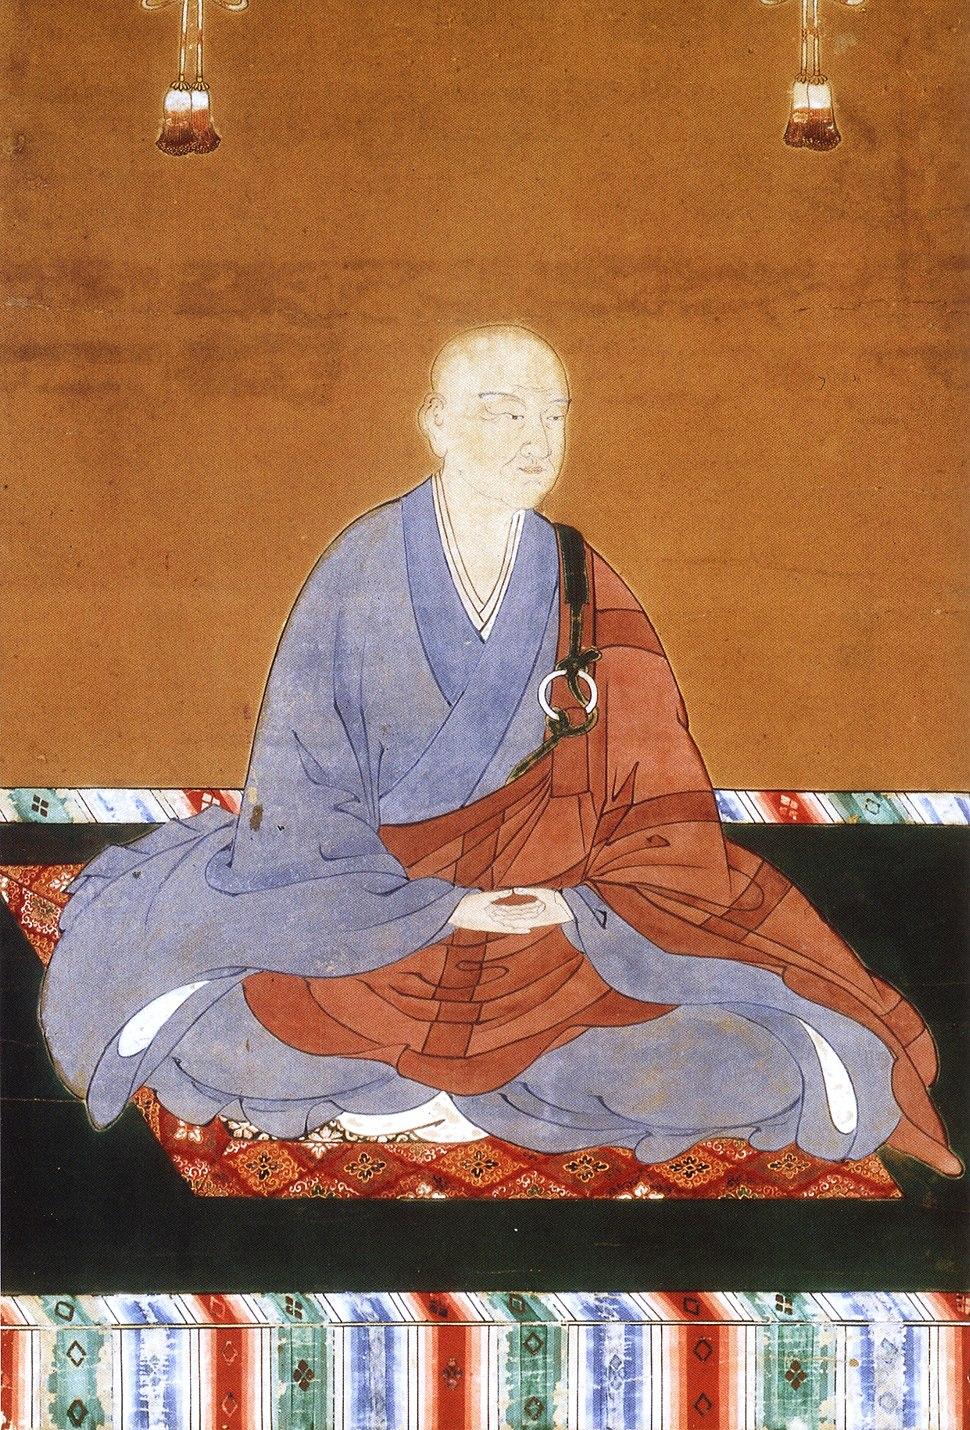 Emperor Kōmyō